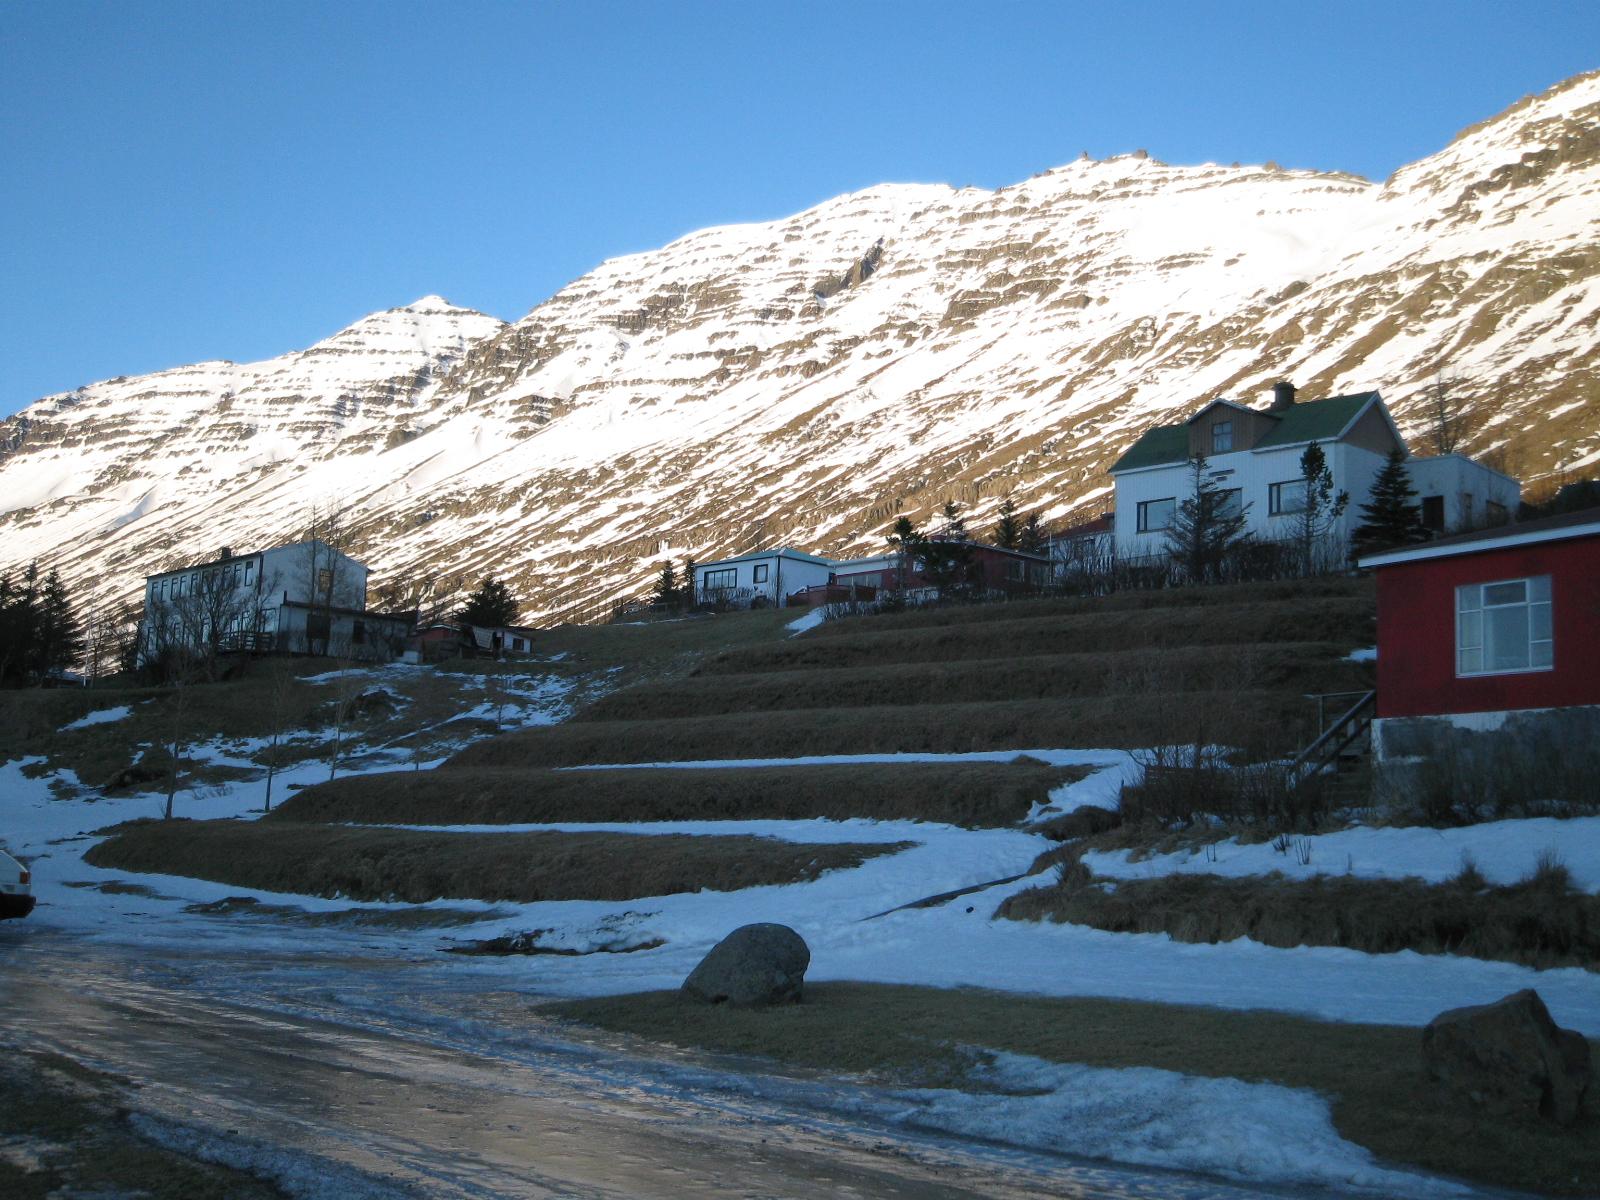 Neskaupstaður